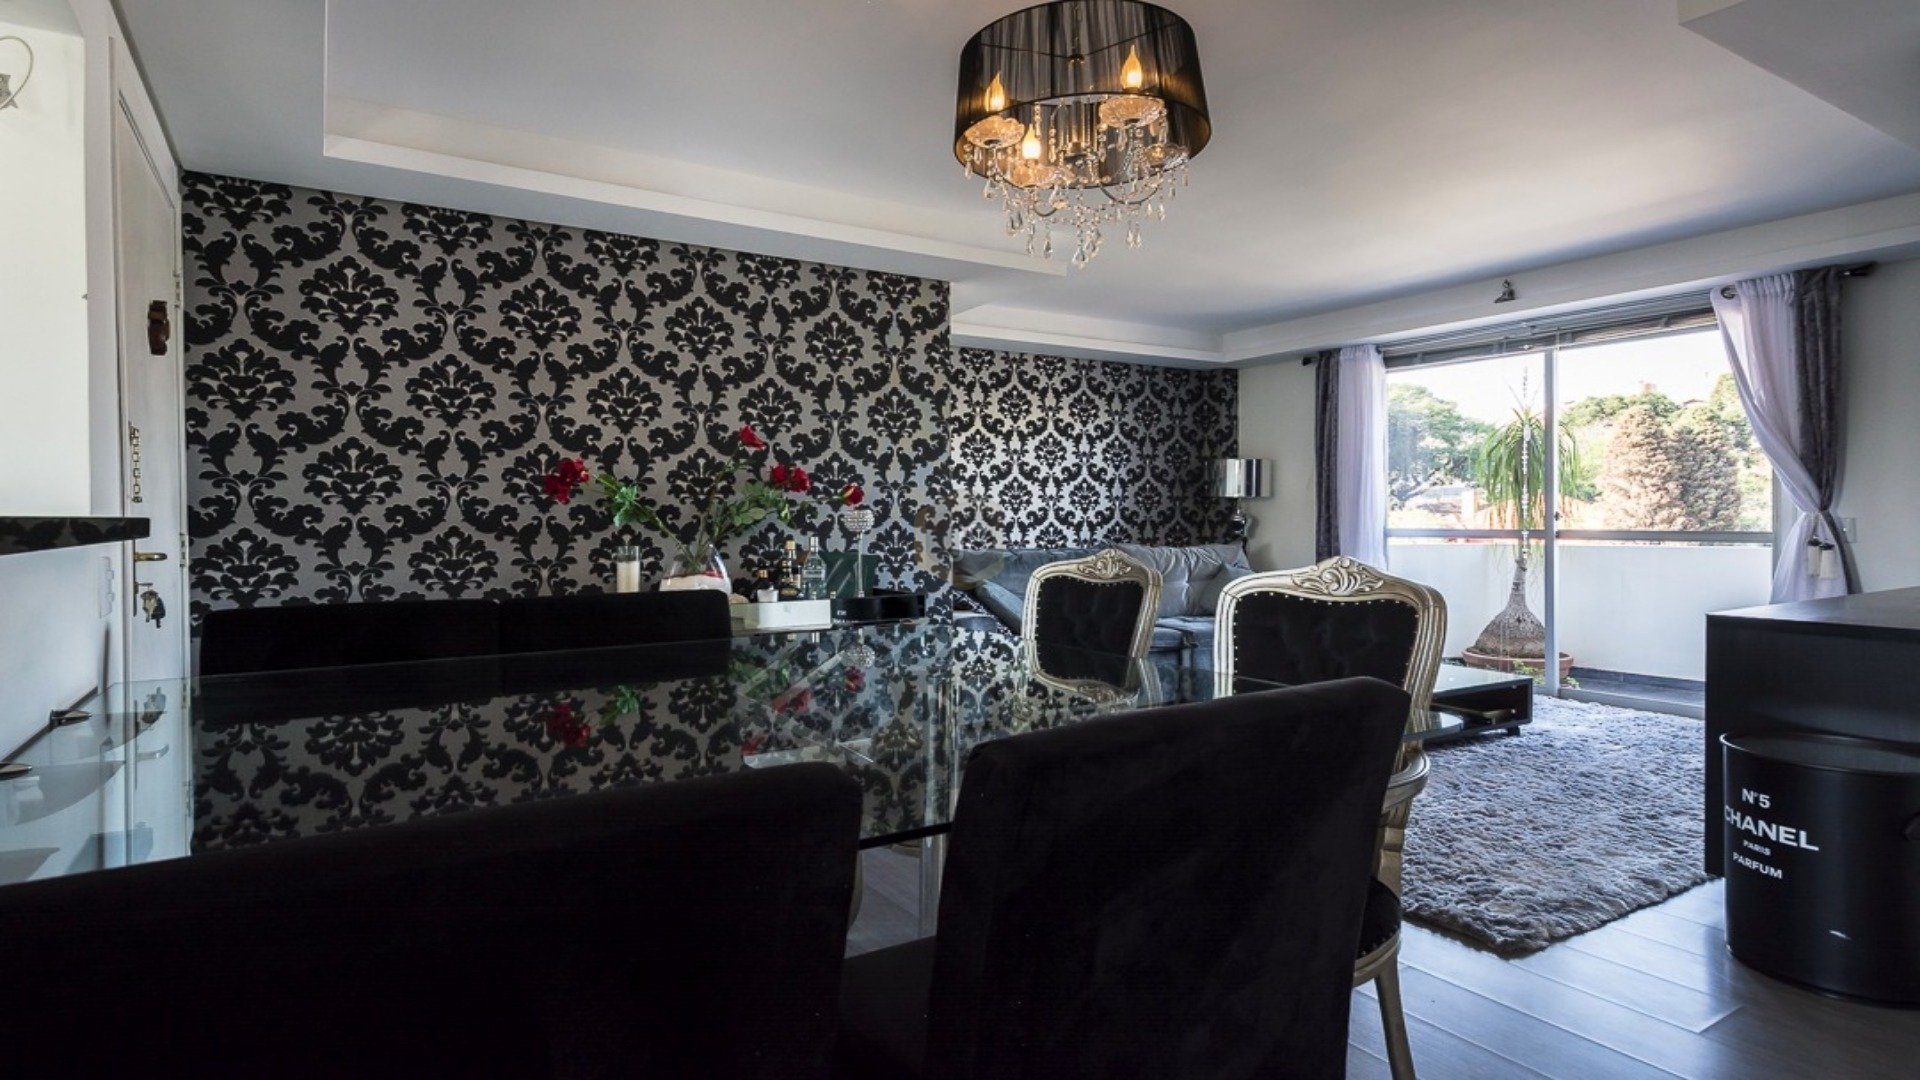 Foto de destaque Bem decorado e com 3 quartos